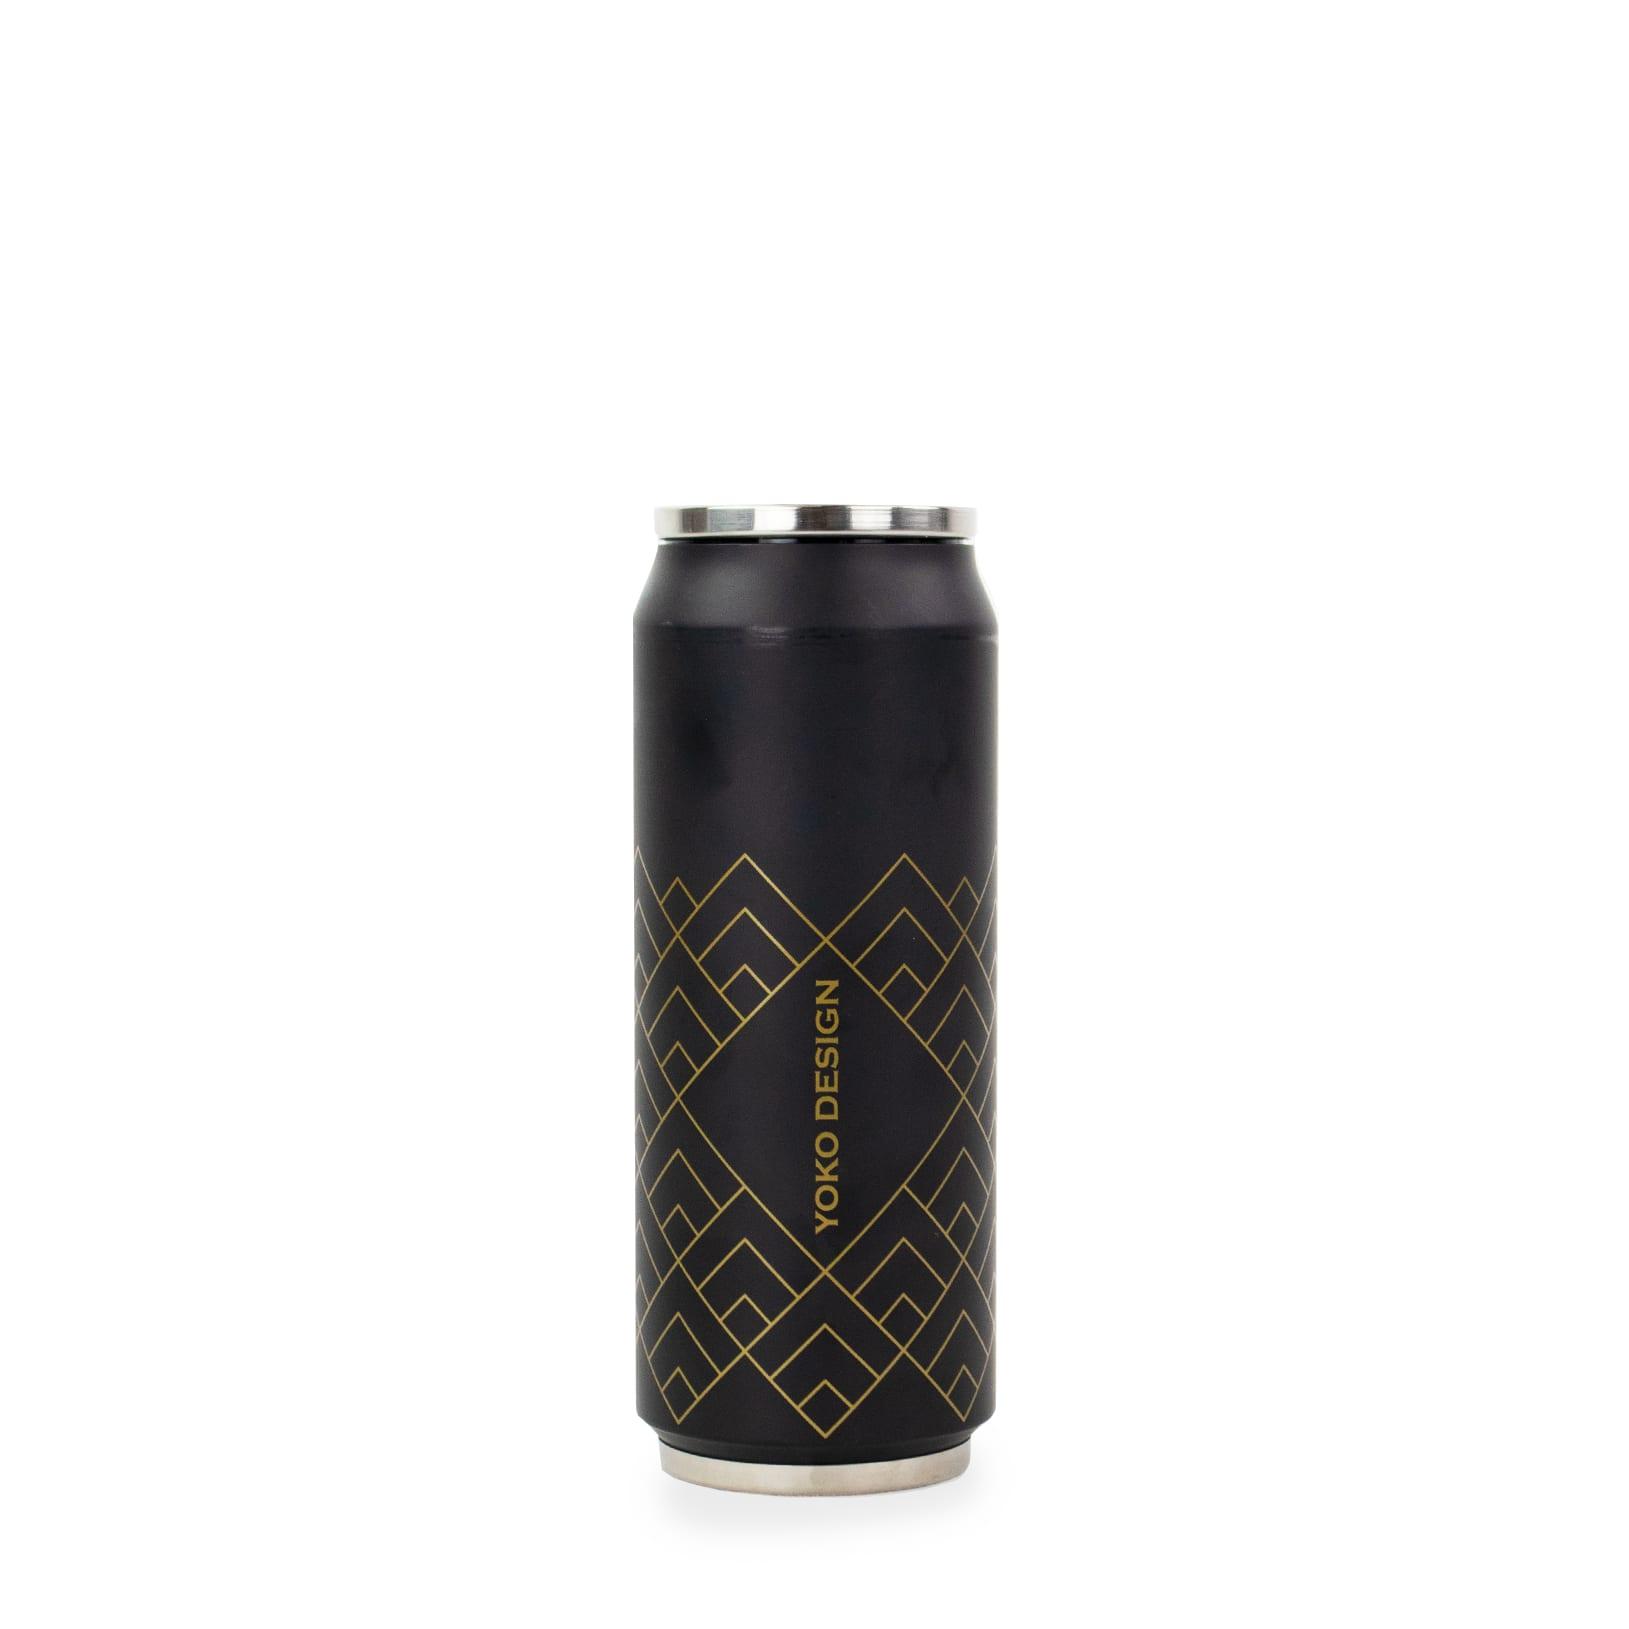 Canette isotherme art deco noire 500 ml